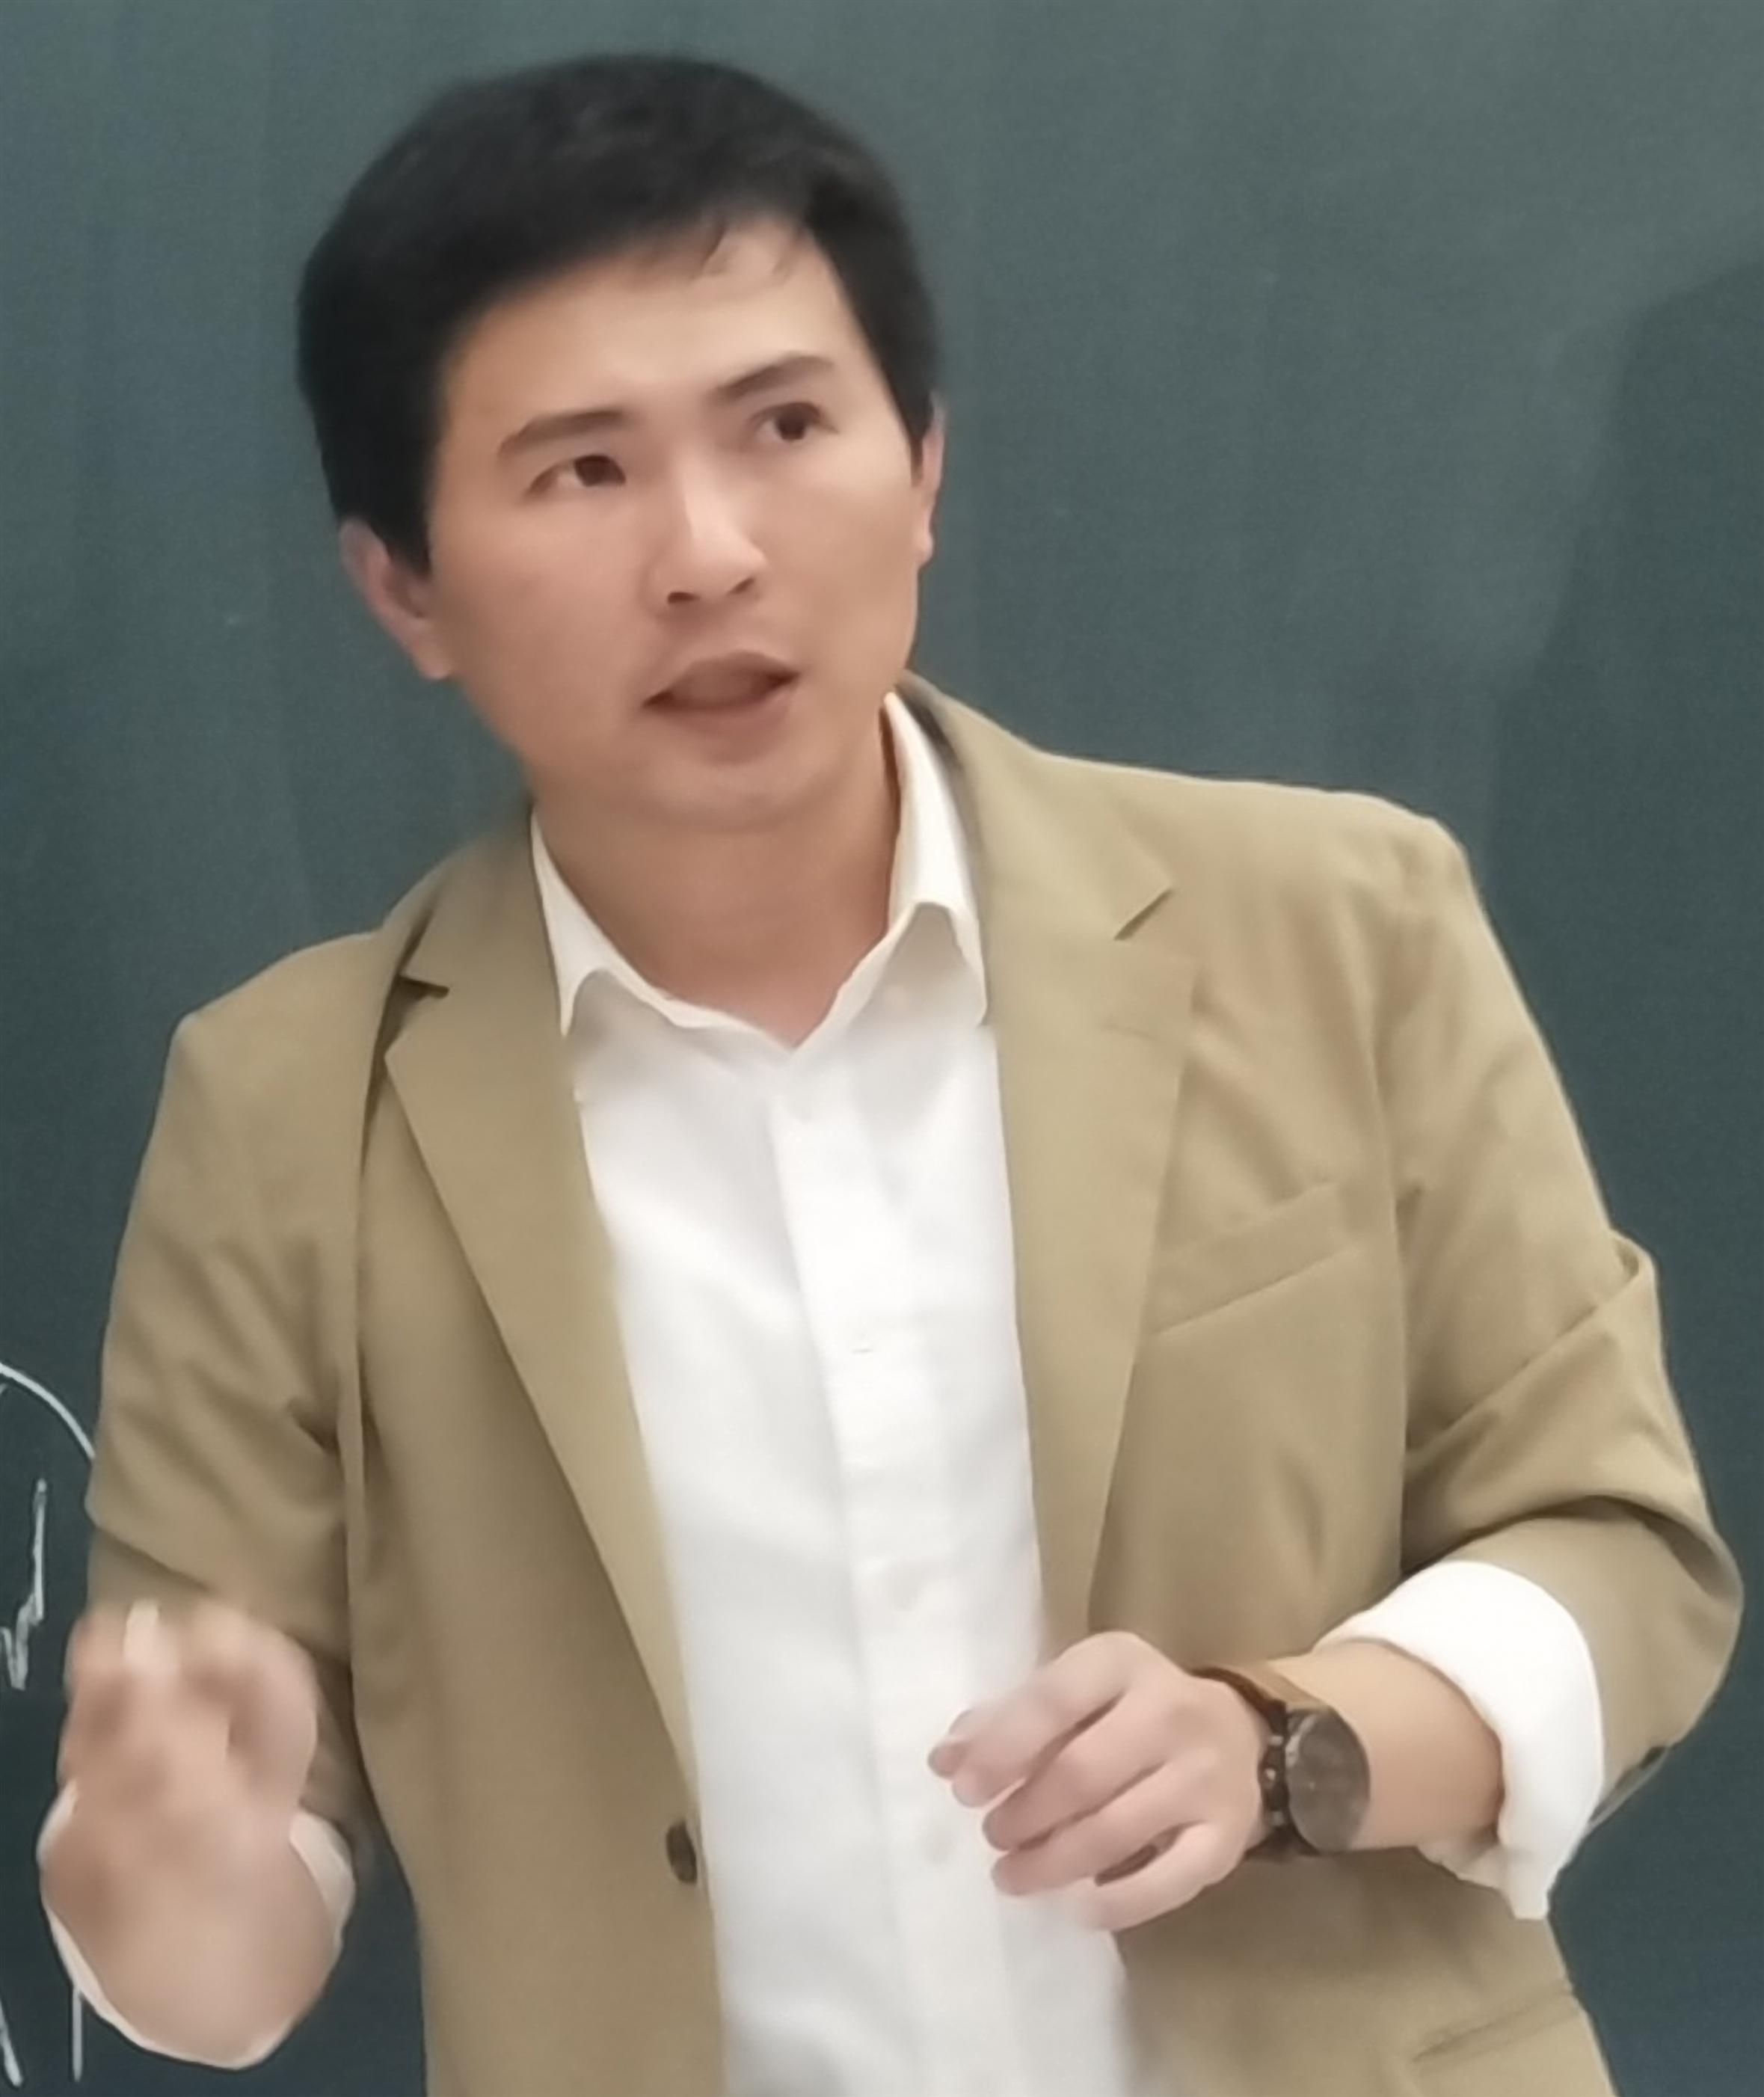 教師 「徐銘謙」老師照片